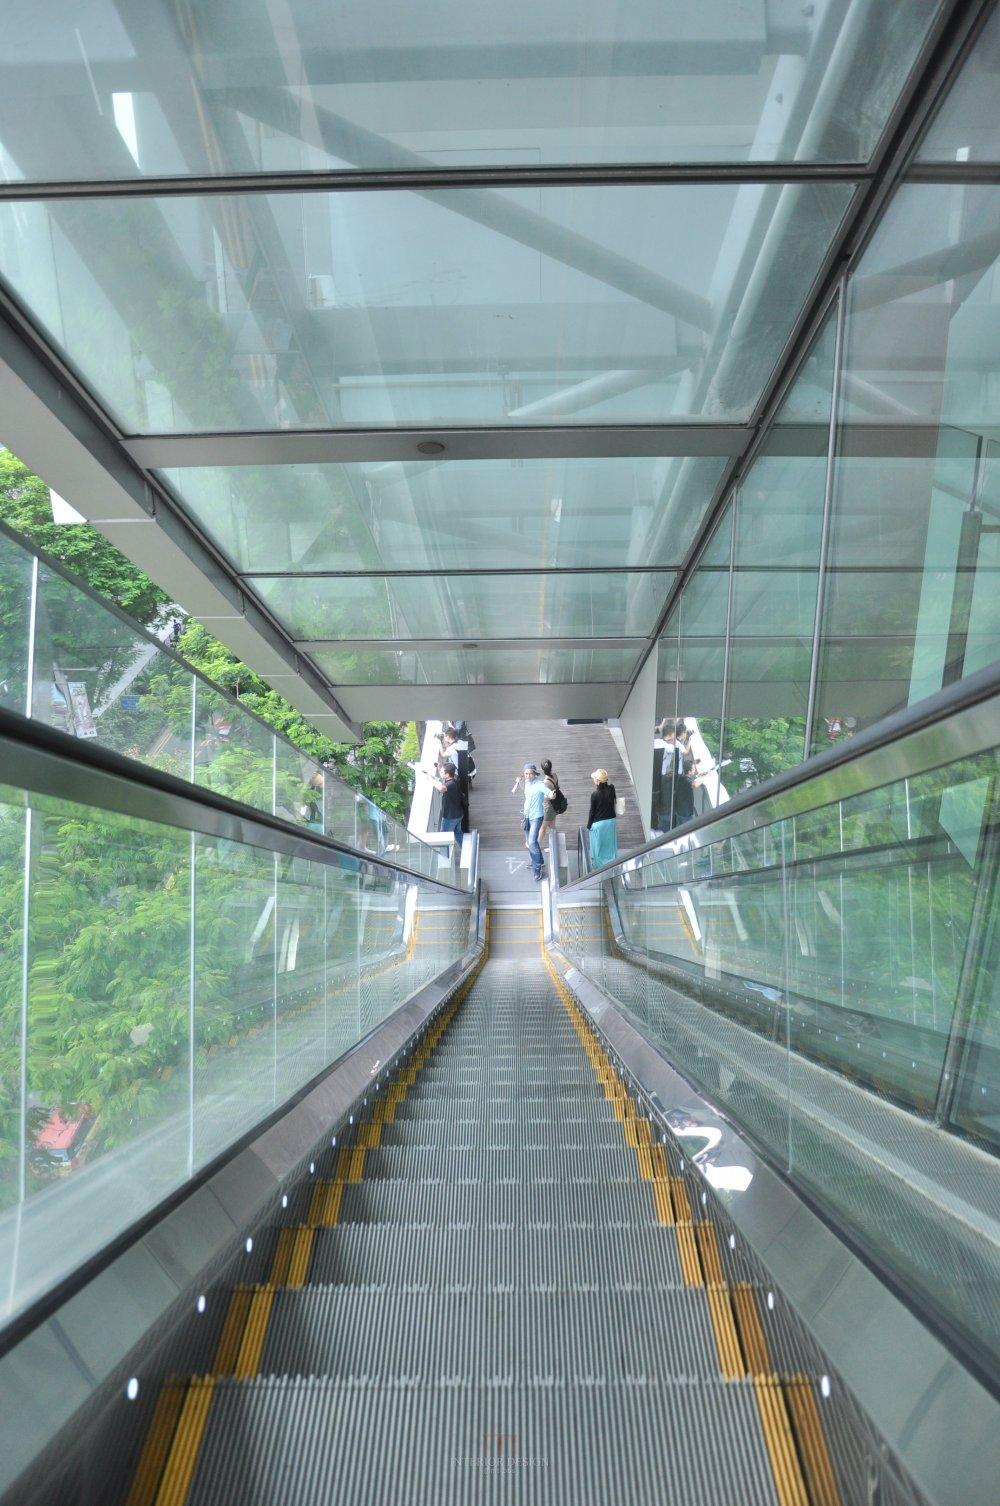 新加坡Orchard Central商业自拍_威猛的外挂扶梯